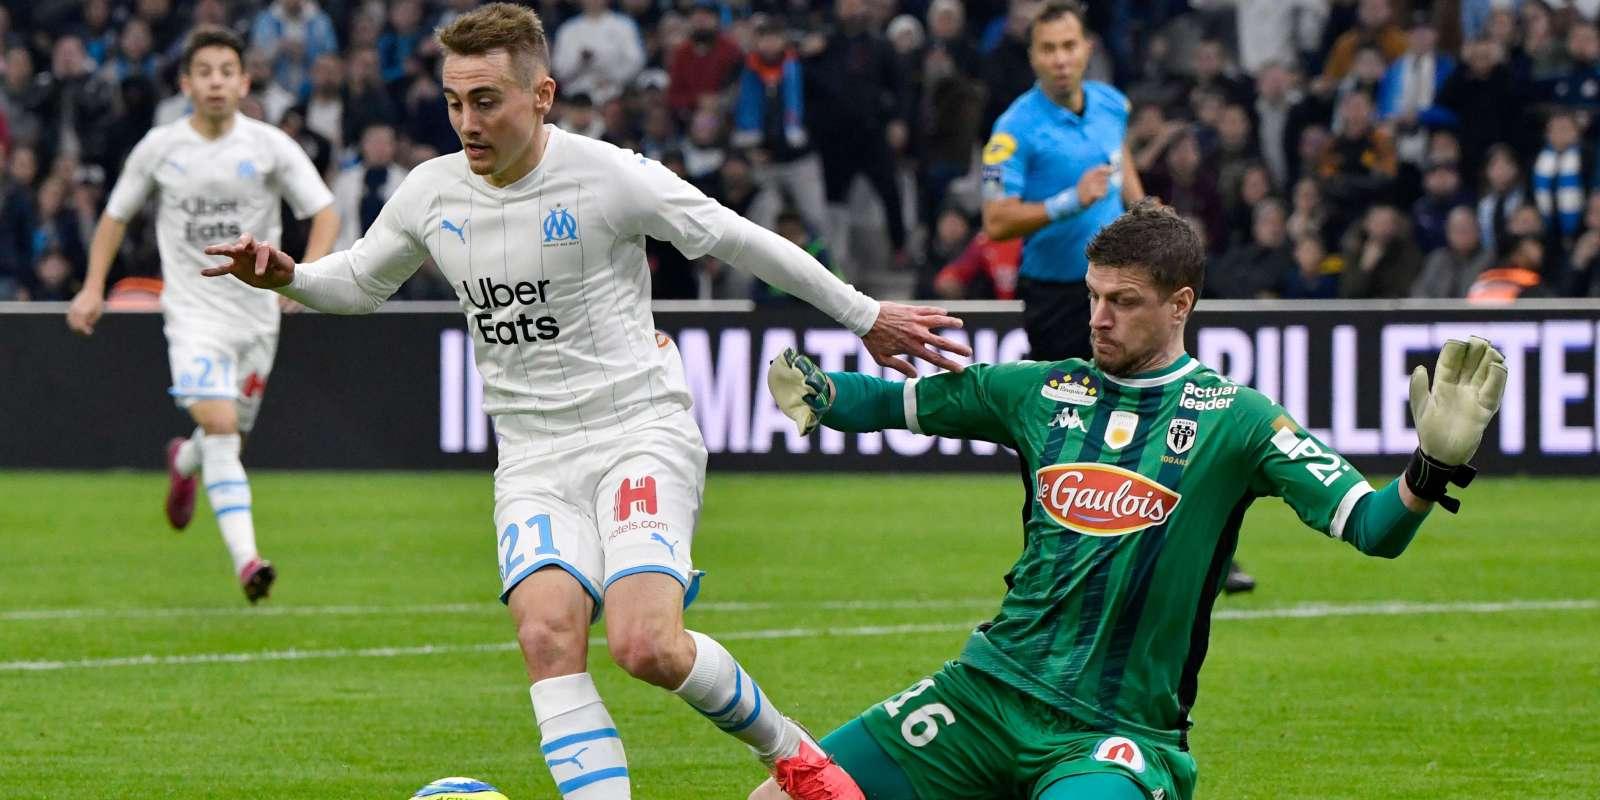 Valentin Rongier devant Ludovic Butelle, le 25 janvier 2020.